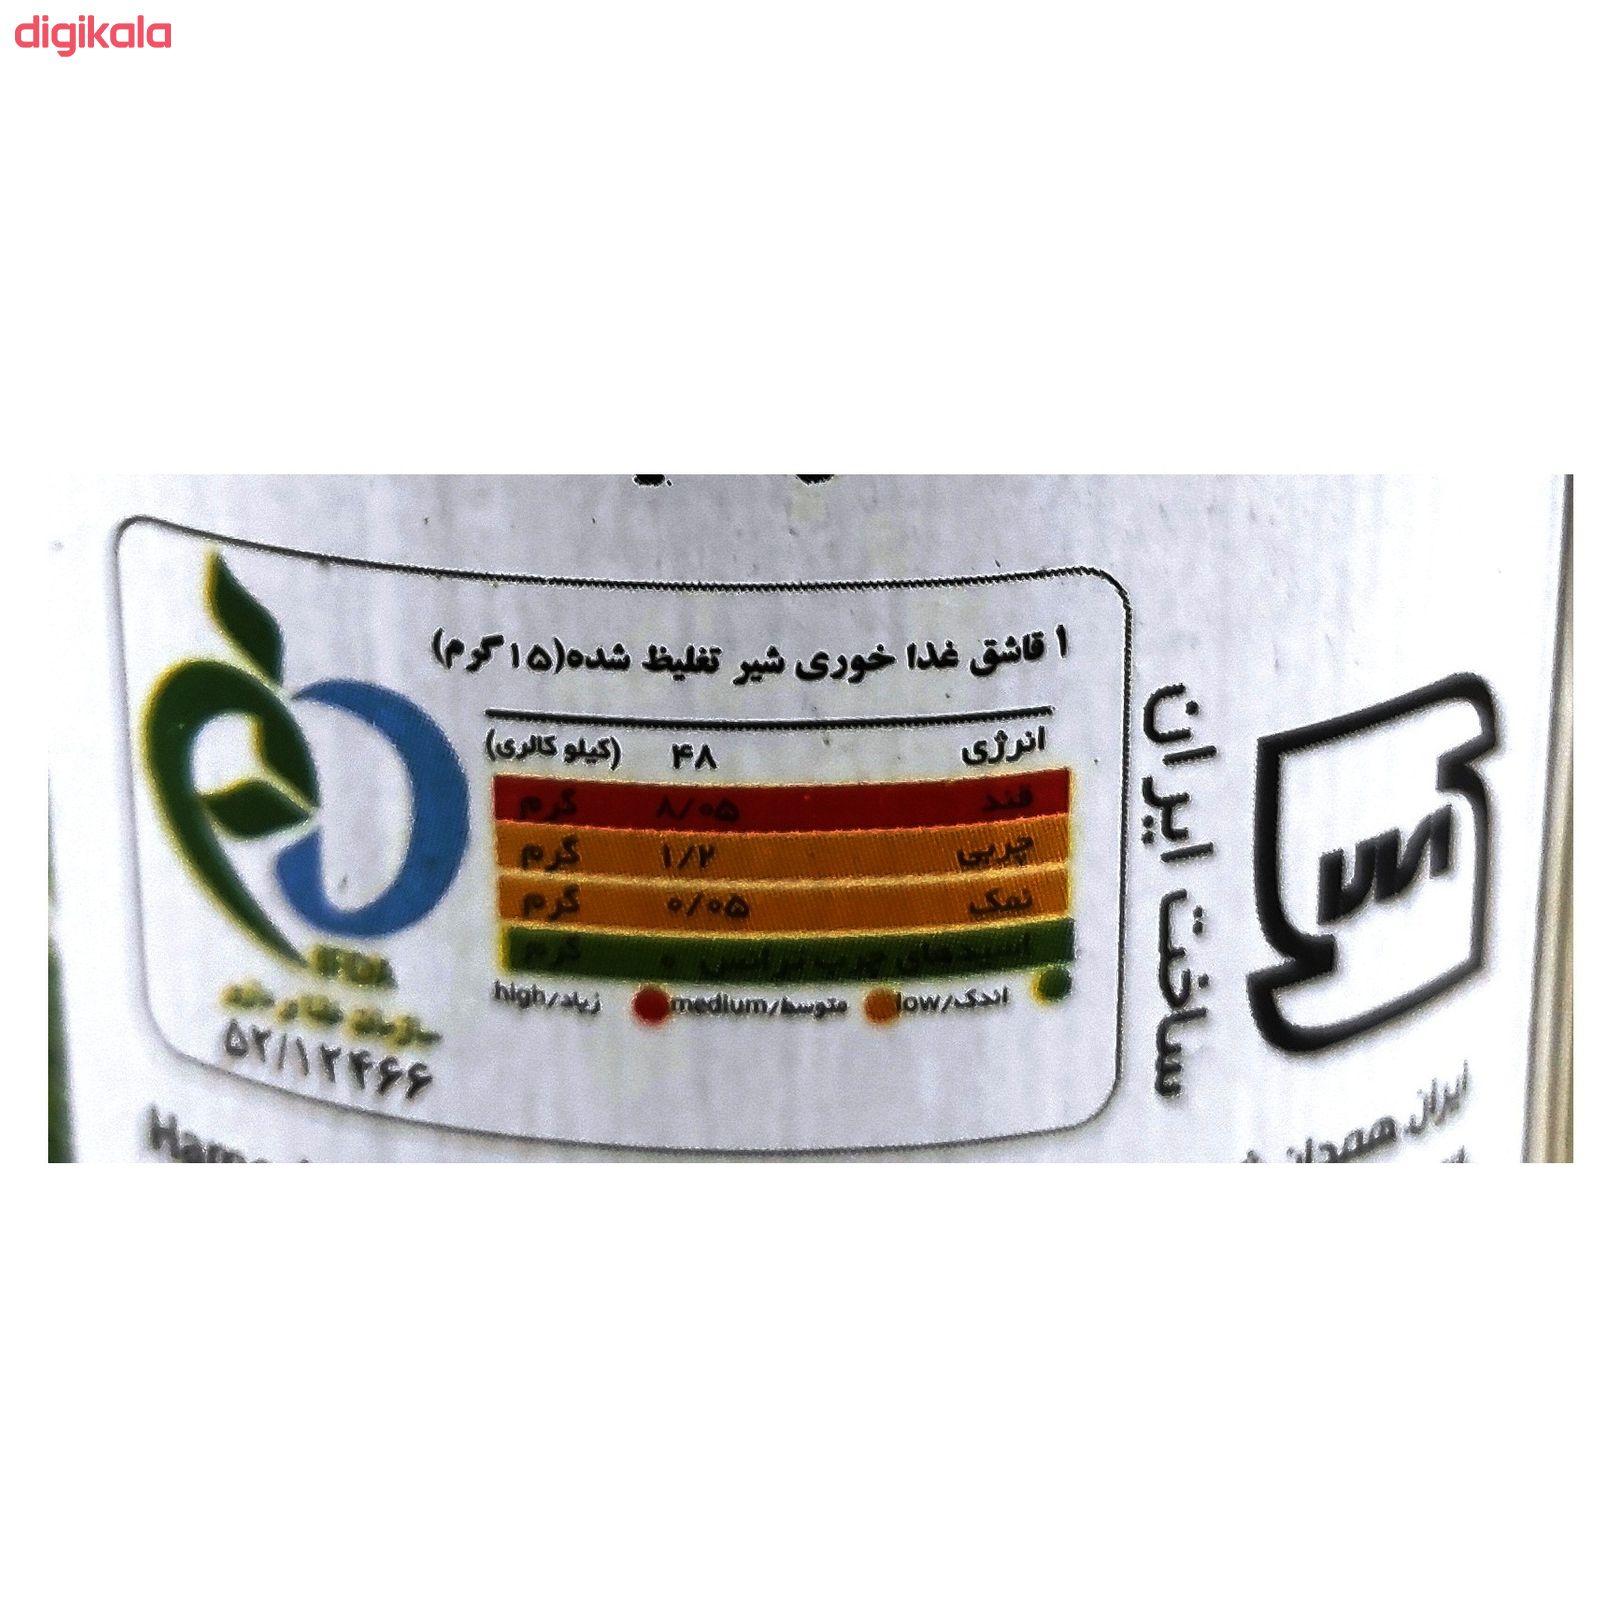 دسر شیر تغلیظ شده شیرین البحر - 387 گرم main 1 1